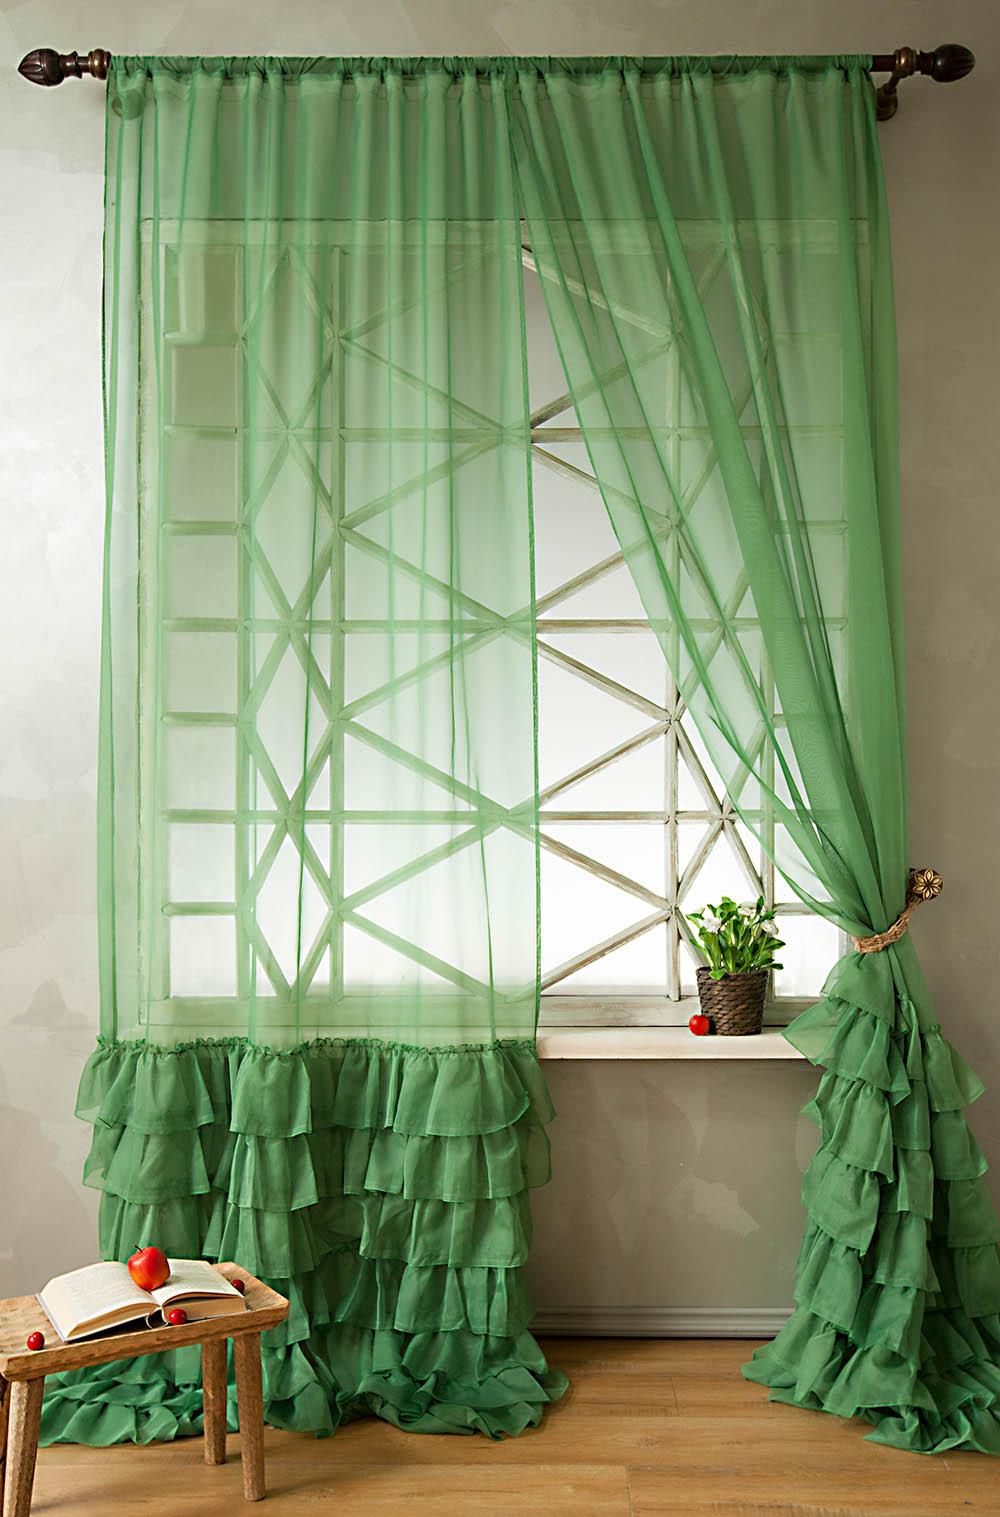 Шторы PASIONARIA Классические шторы Ноа Цвет: Зеленый pasionaria pasionaria классические шторы оксфорд цвет зеленый